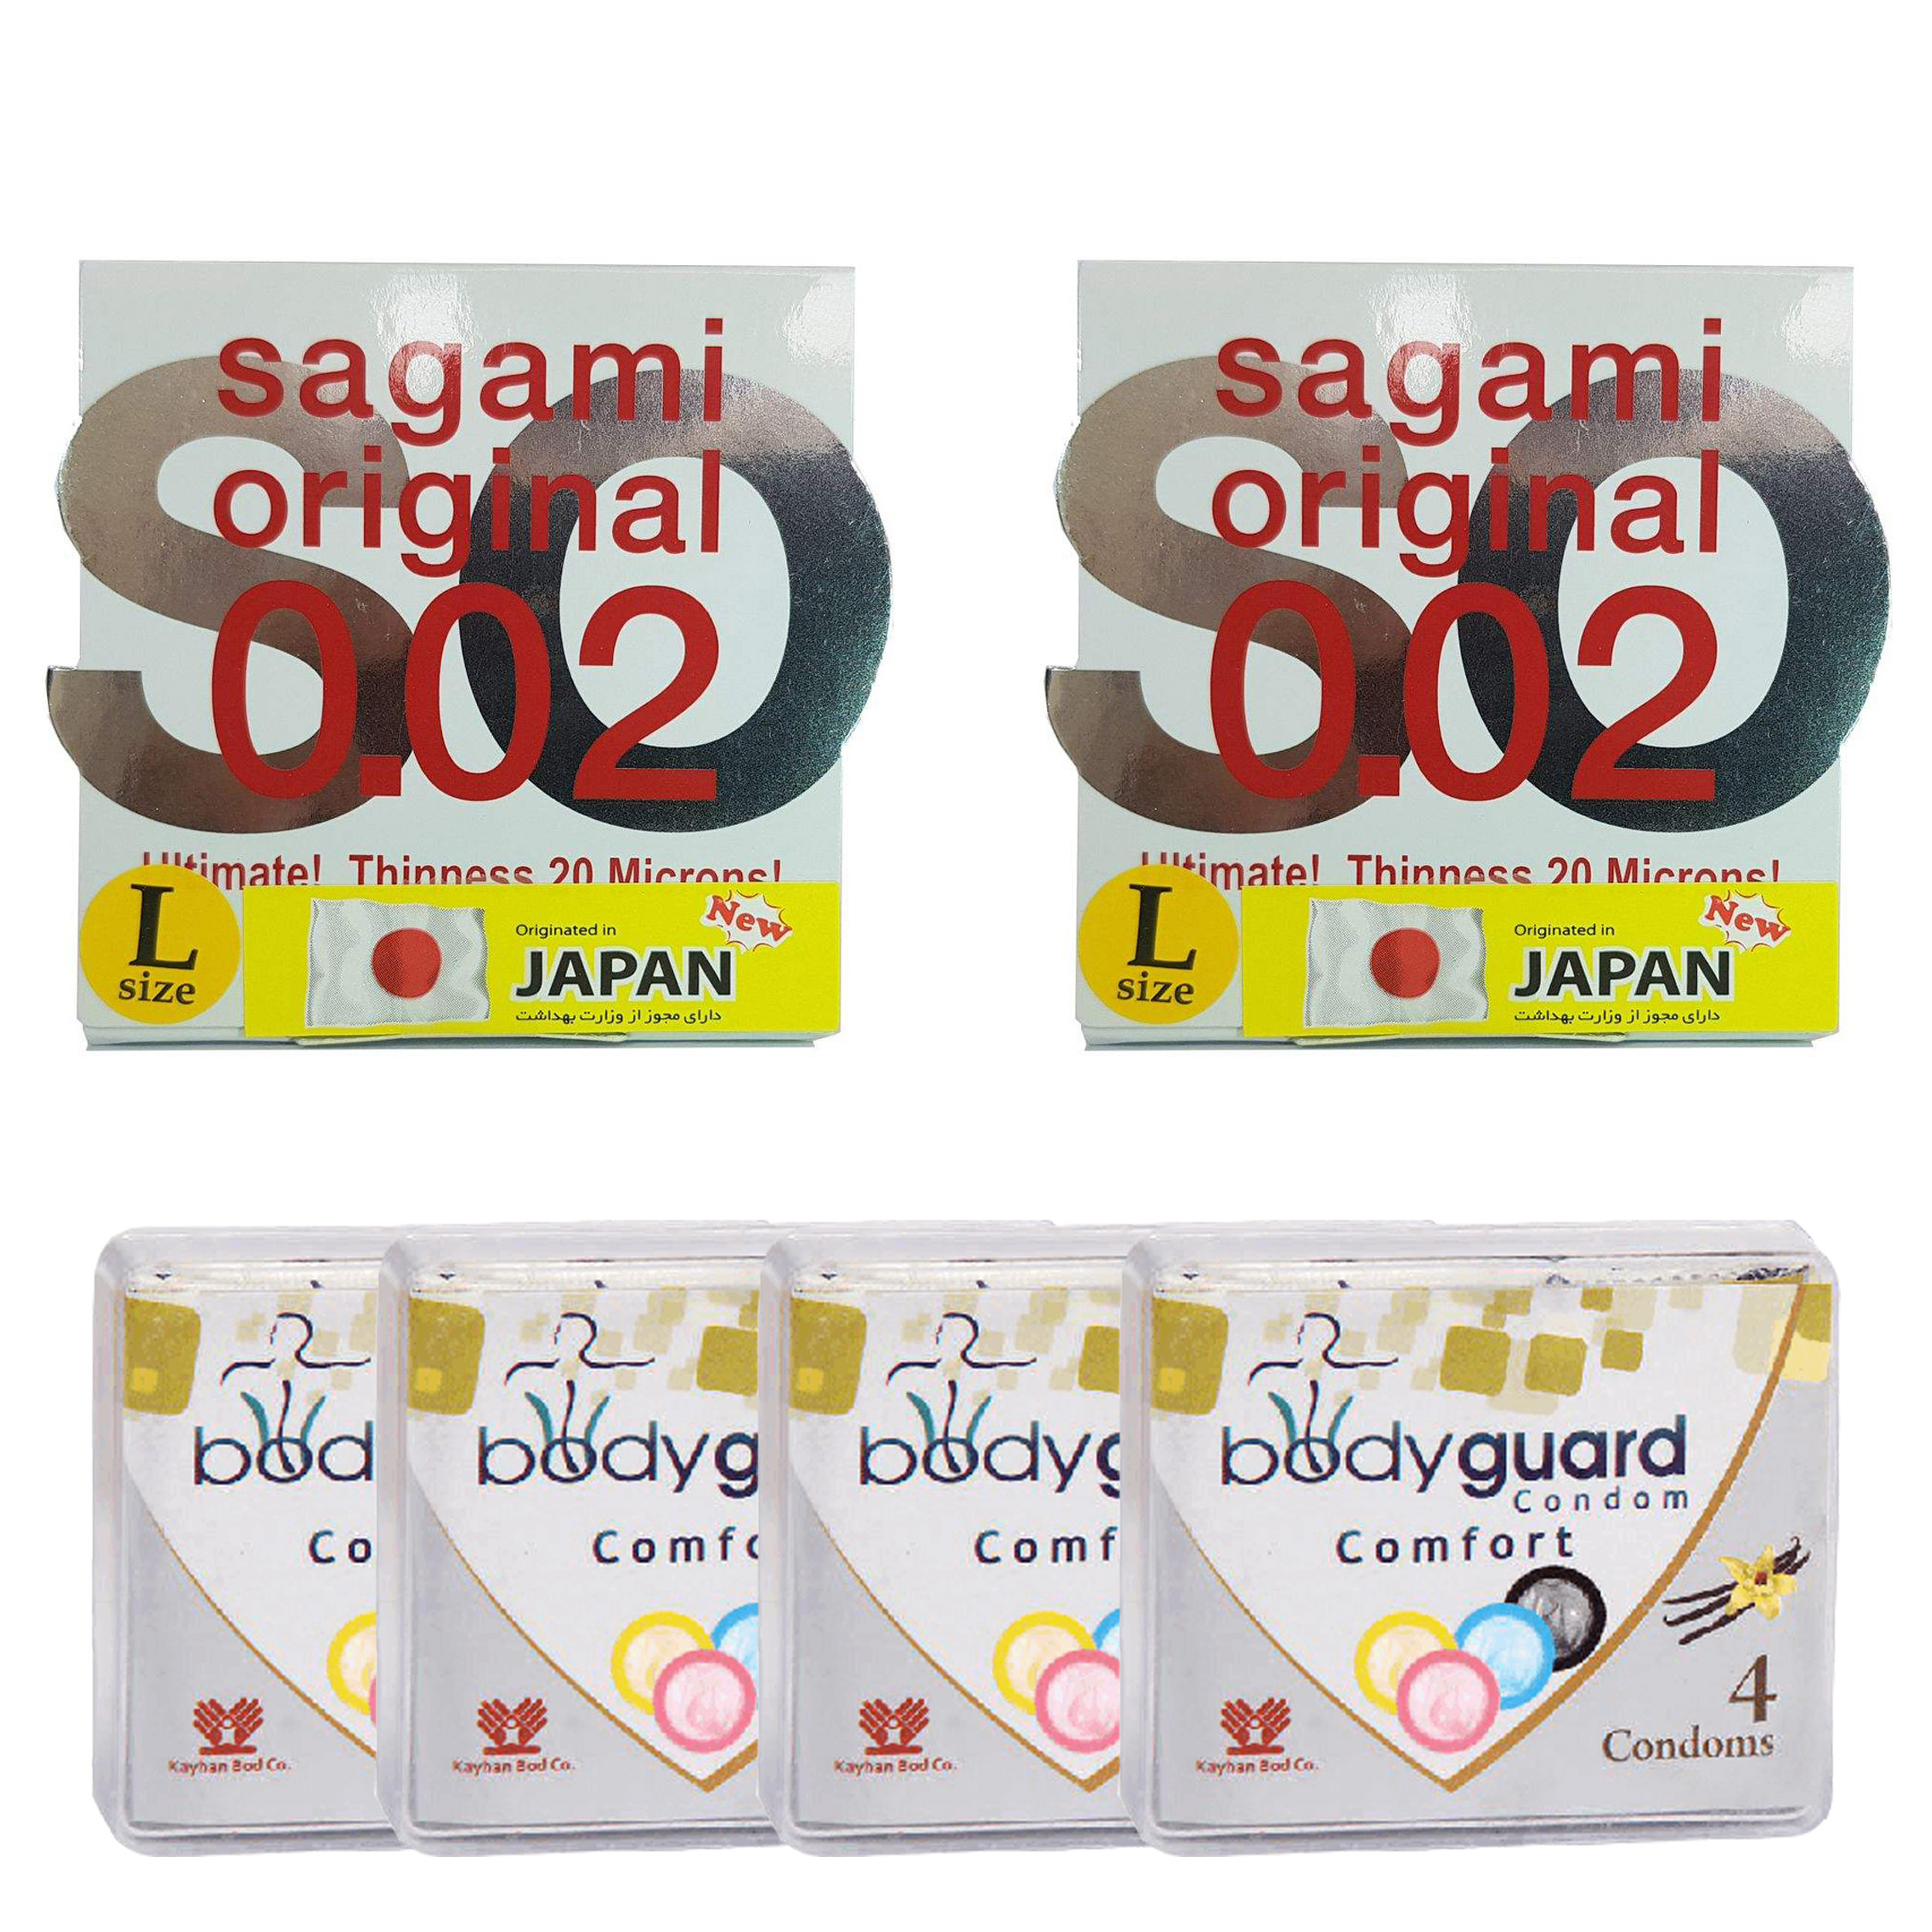 خرید                      کاندوم ساگامی مدل لارج مجموعه 2 عددی به همراه کاندوم بادی گارد مدل کامفورت مجموعه 4 عددی